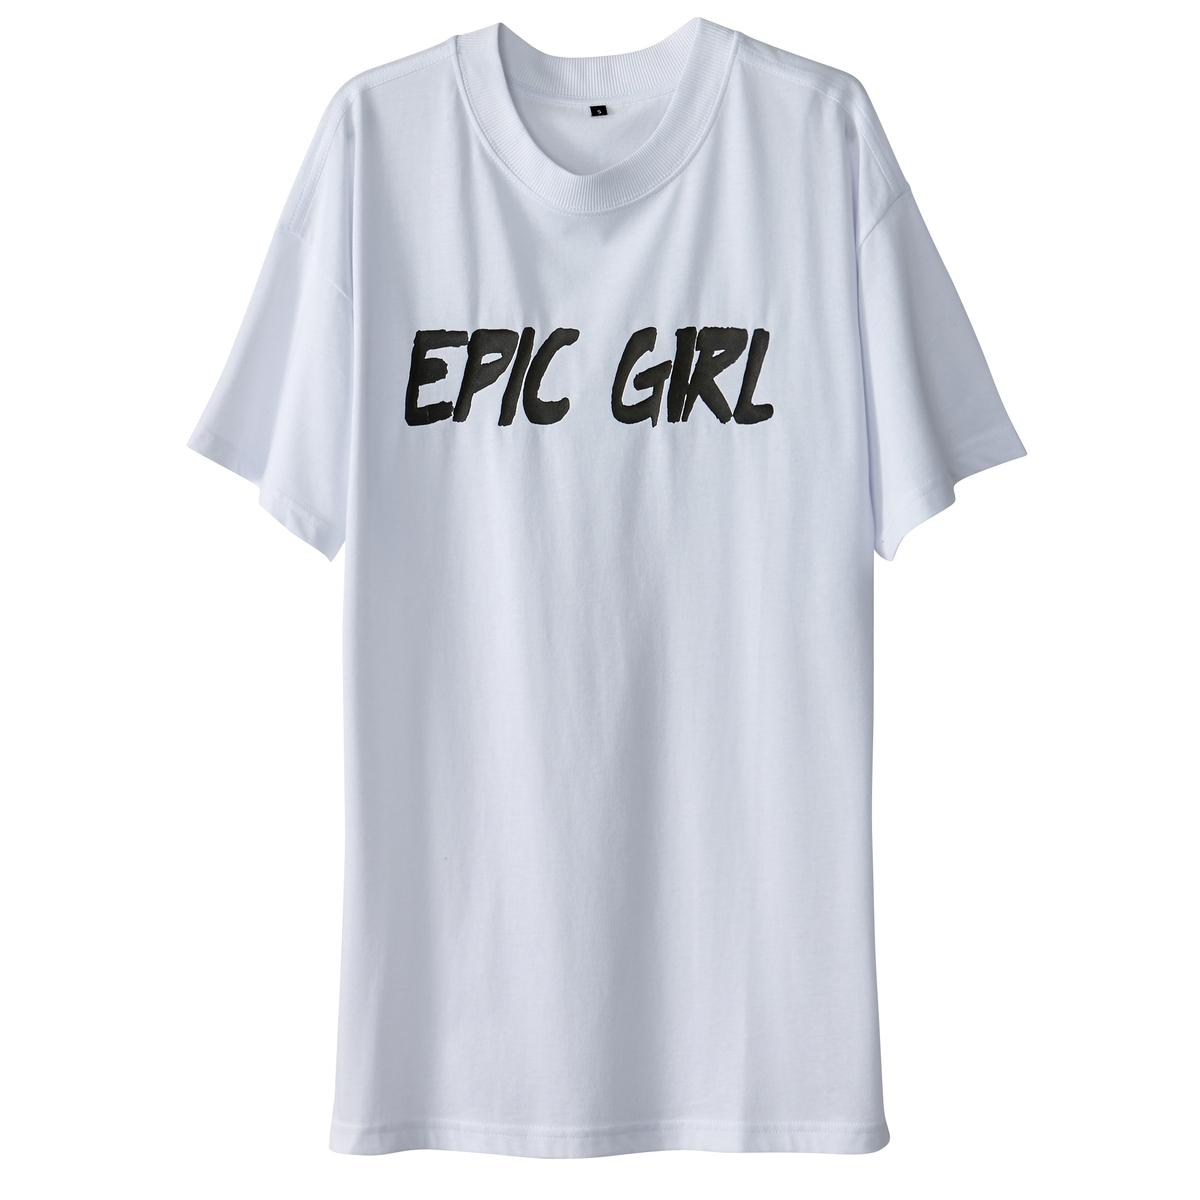 T-shirt com mensagem